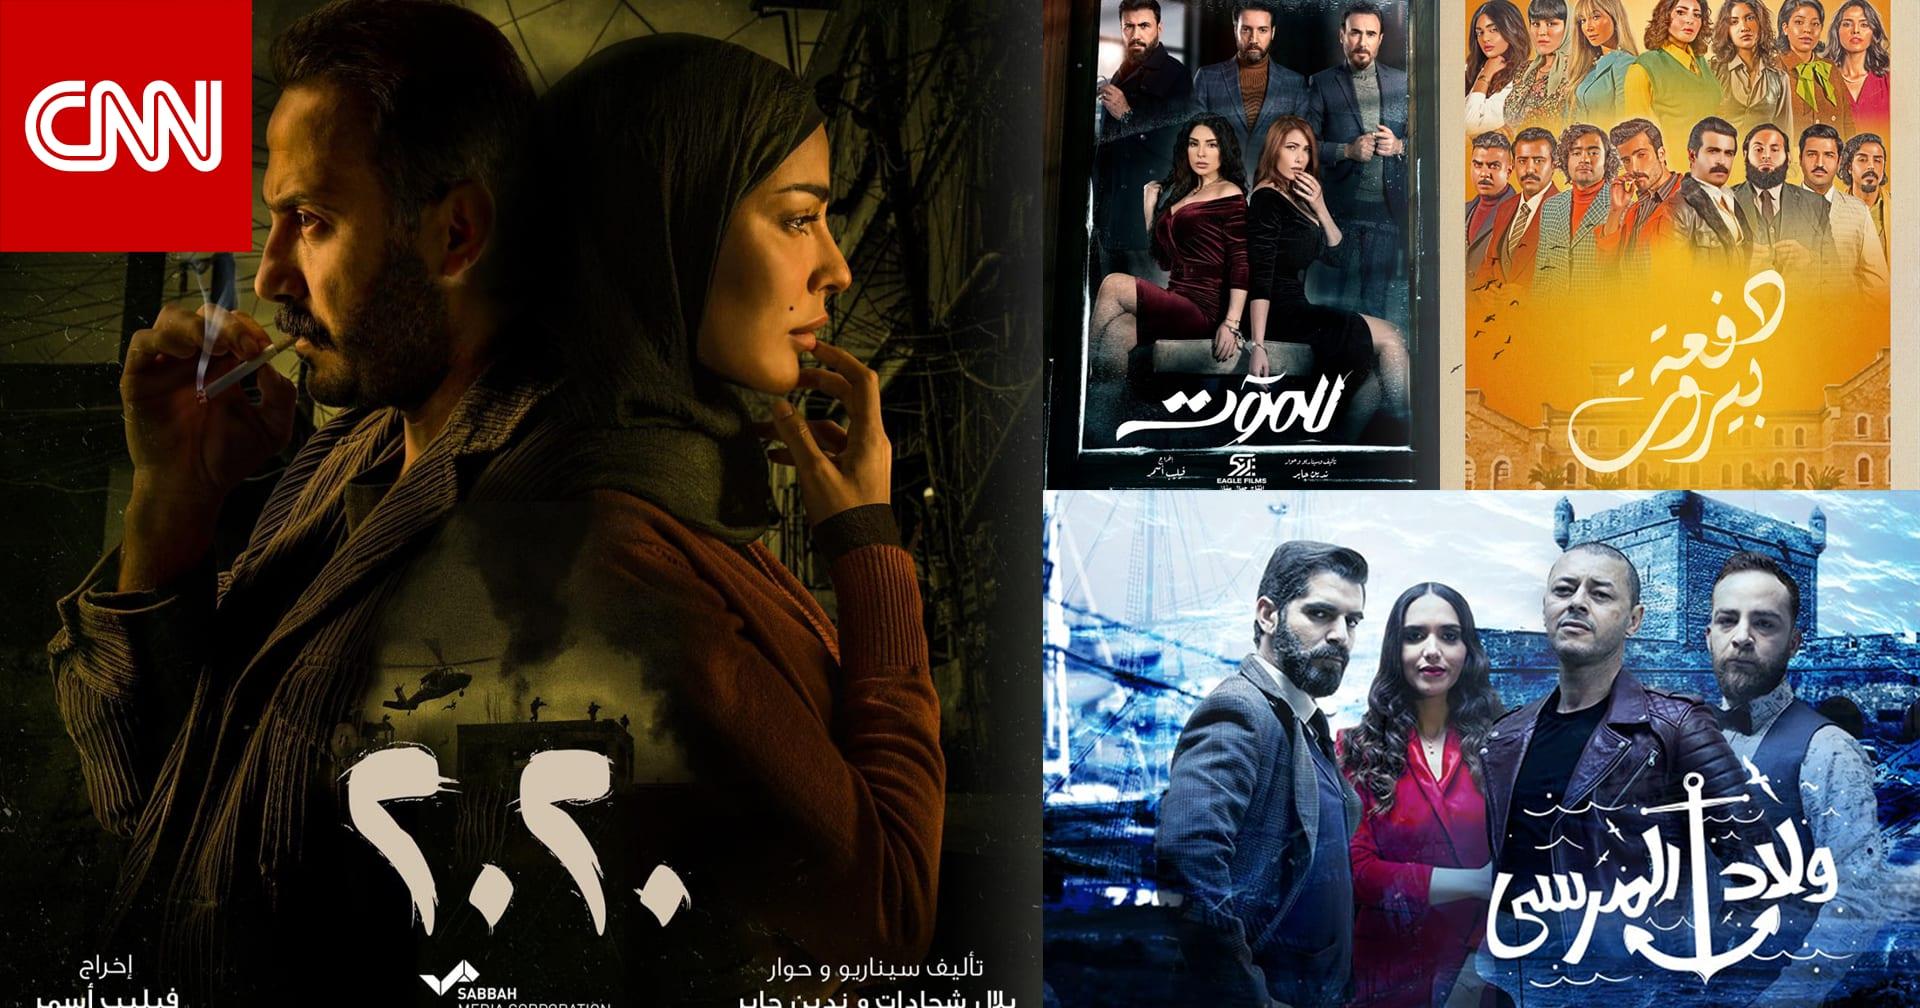 أبرز الإنتاجات اللبنانية والعربية المشتركة لرمضان 2021... القصص وقنوات العرض